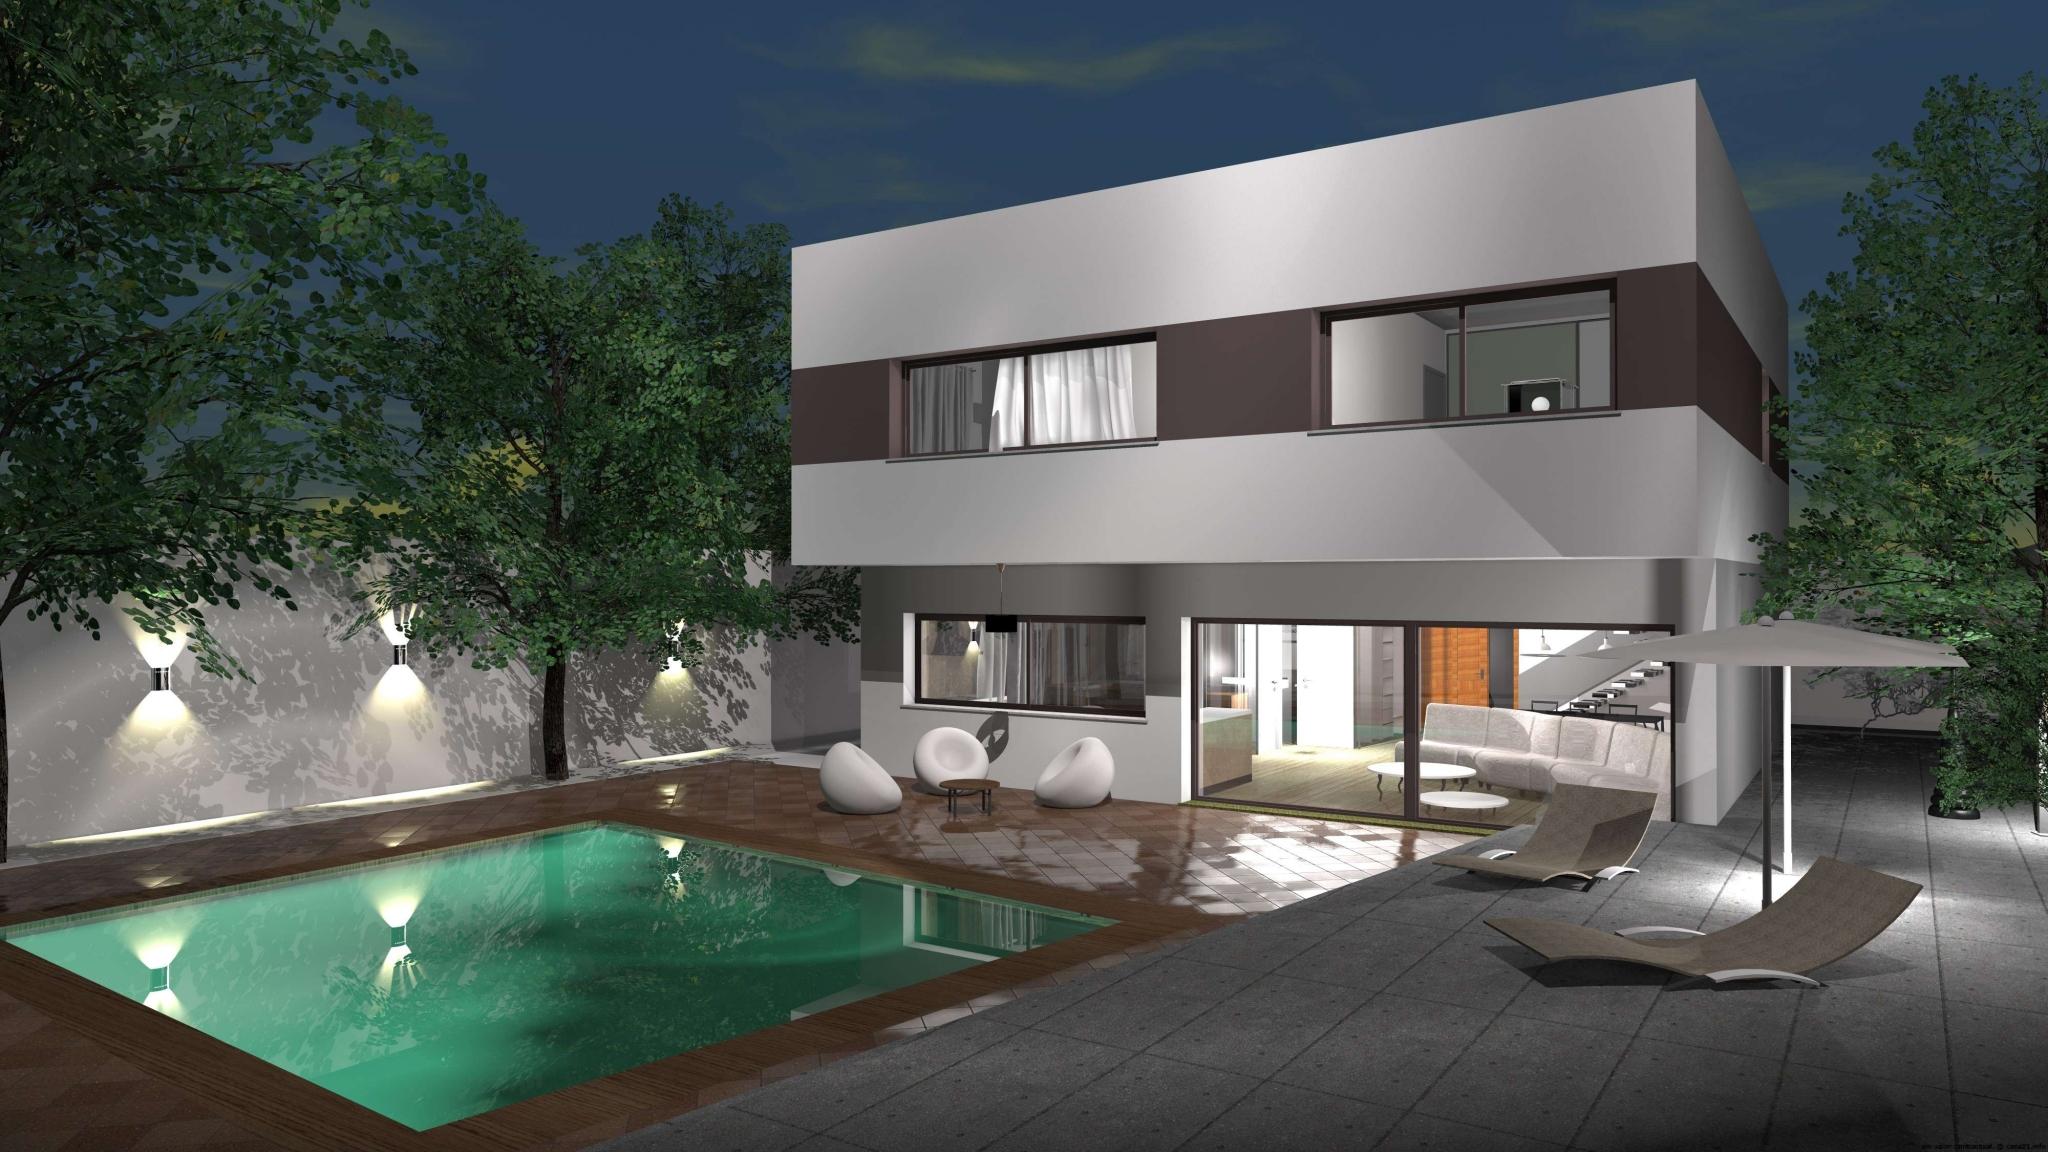 Casa de dise o minimalista for Modelo de casa de 4x6